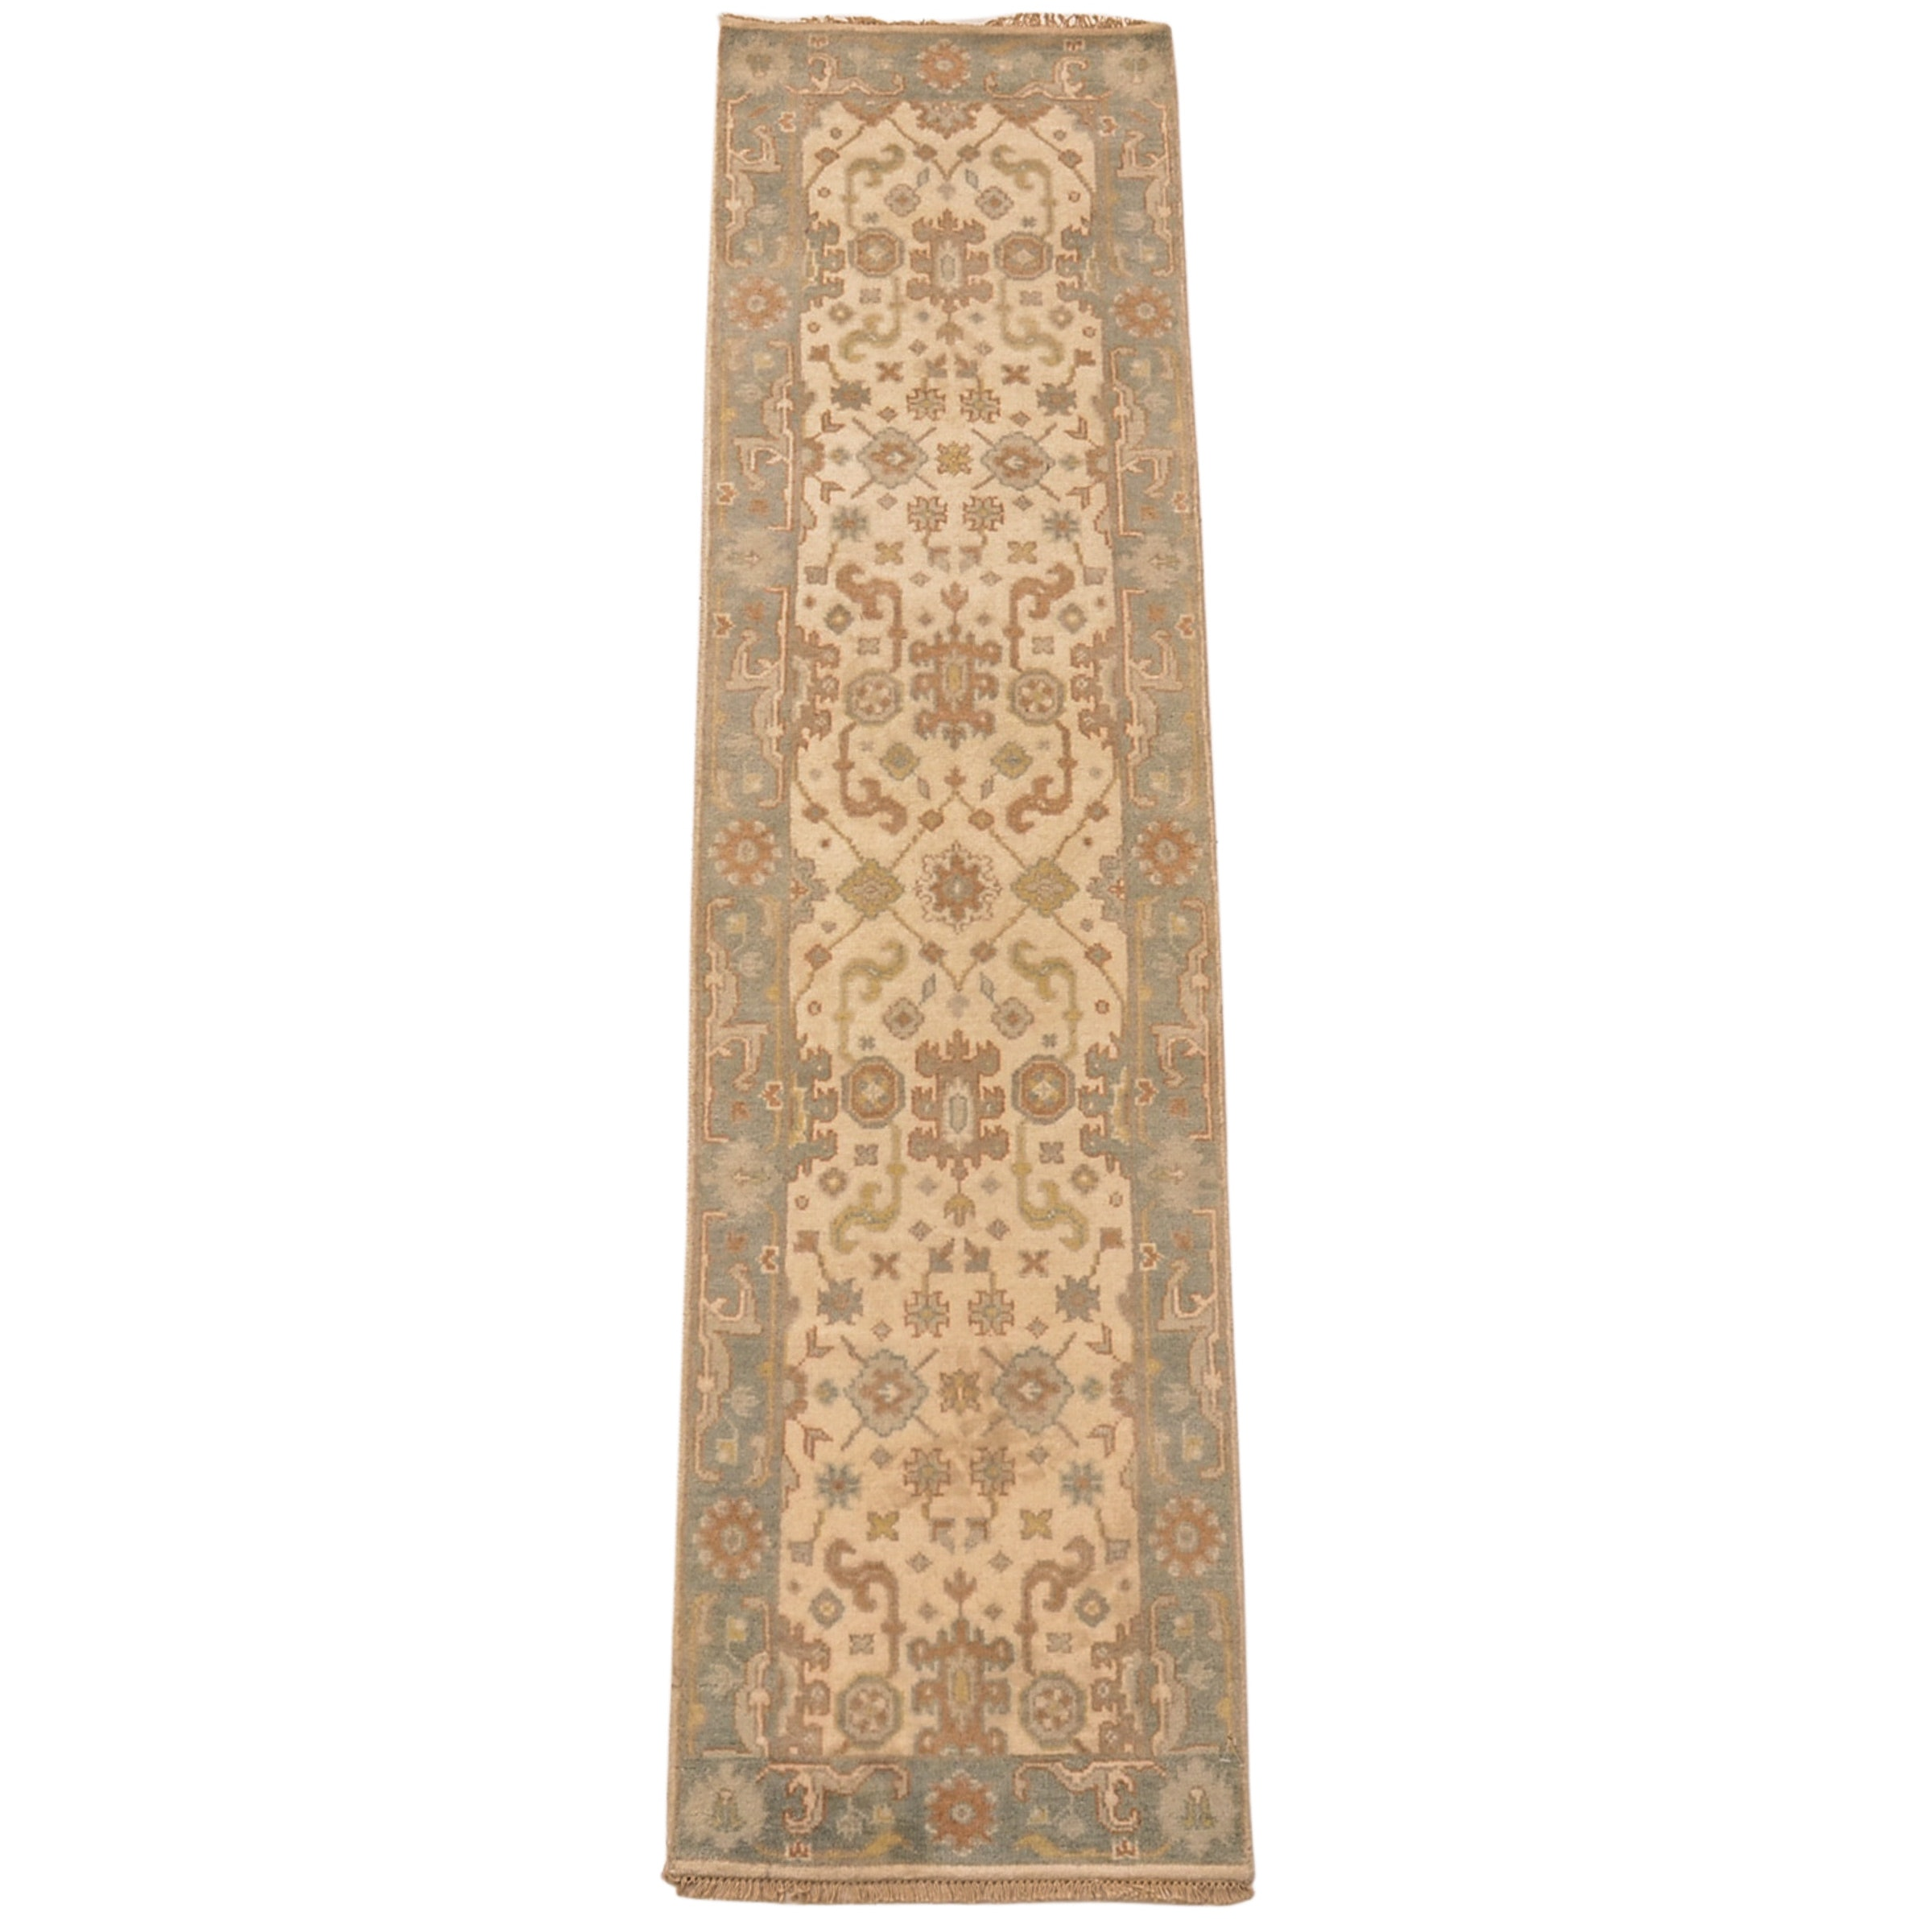 Hand-Knotted Oushak Chobi Carpet Runner